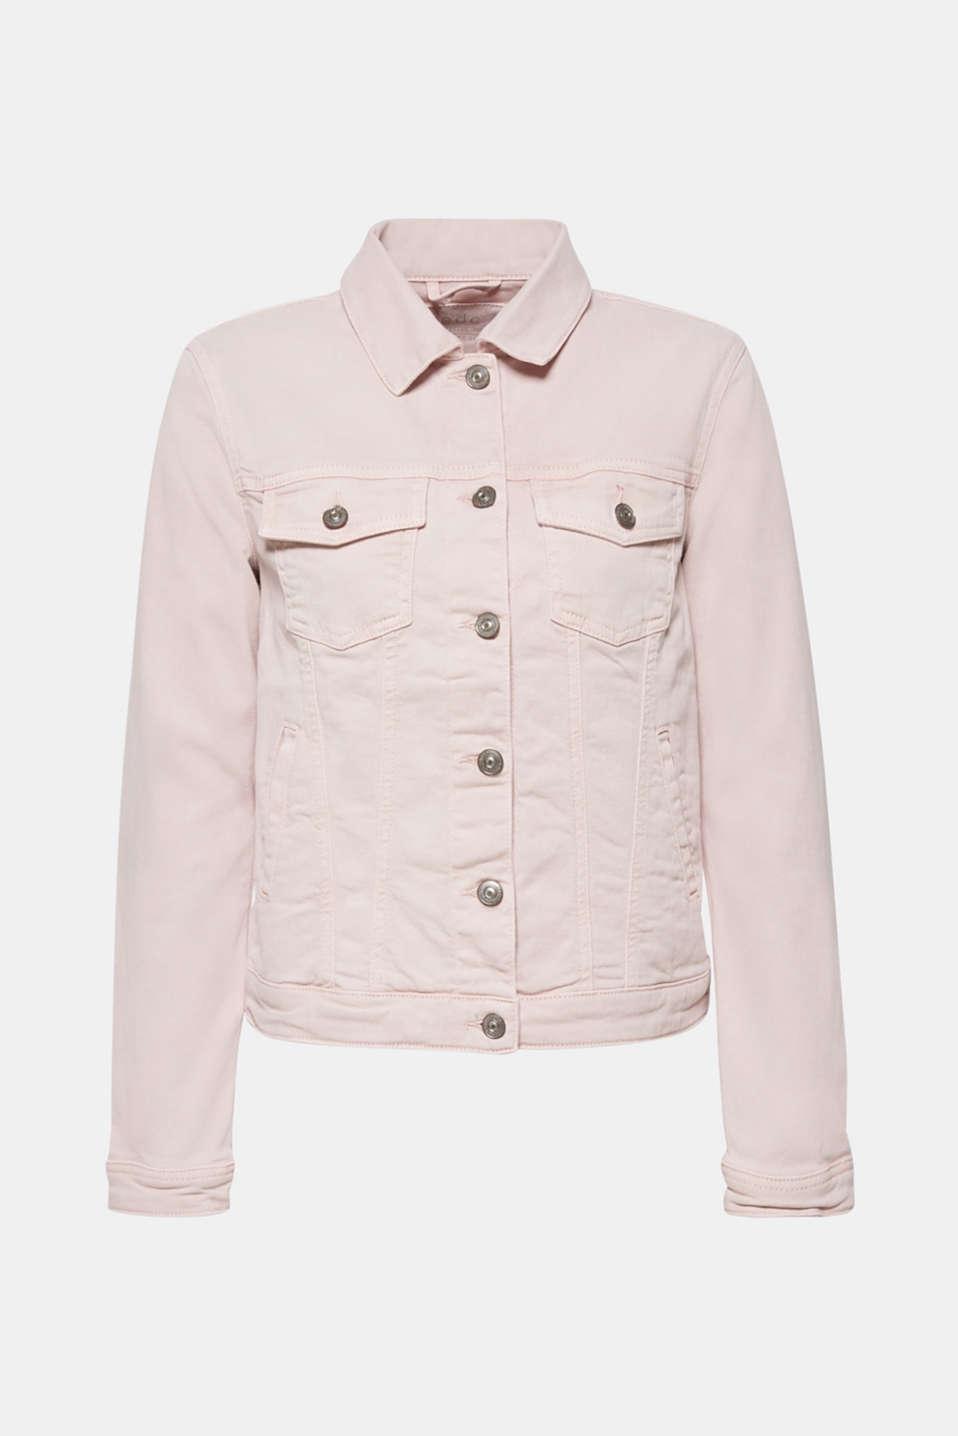 Jackets indoor denim, LIGHT PINK, detail image number 6